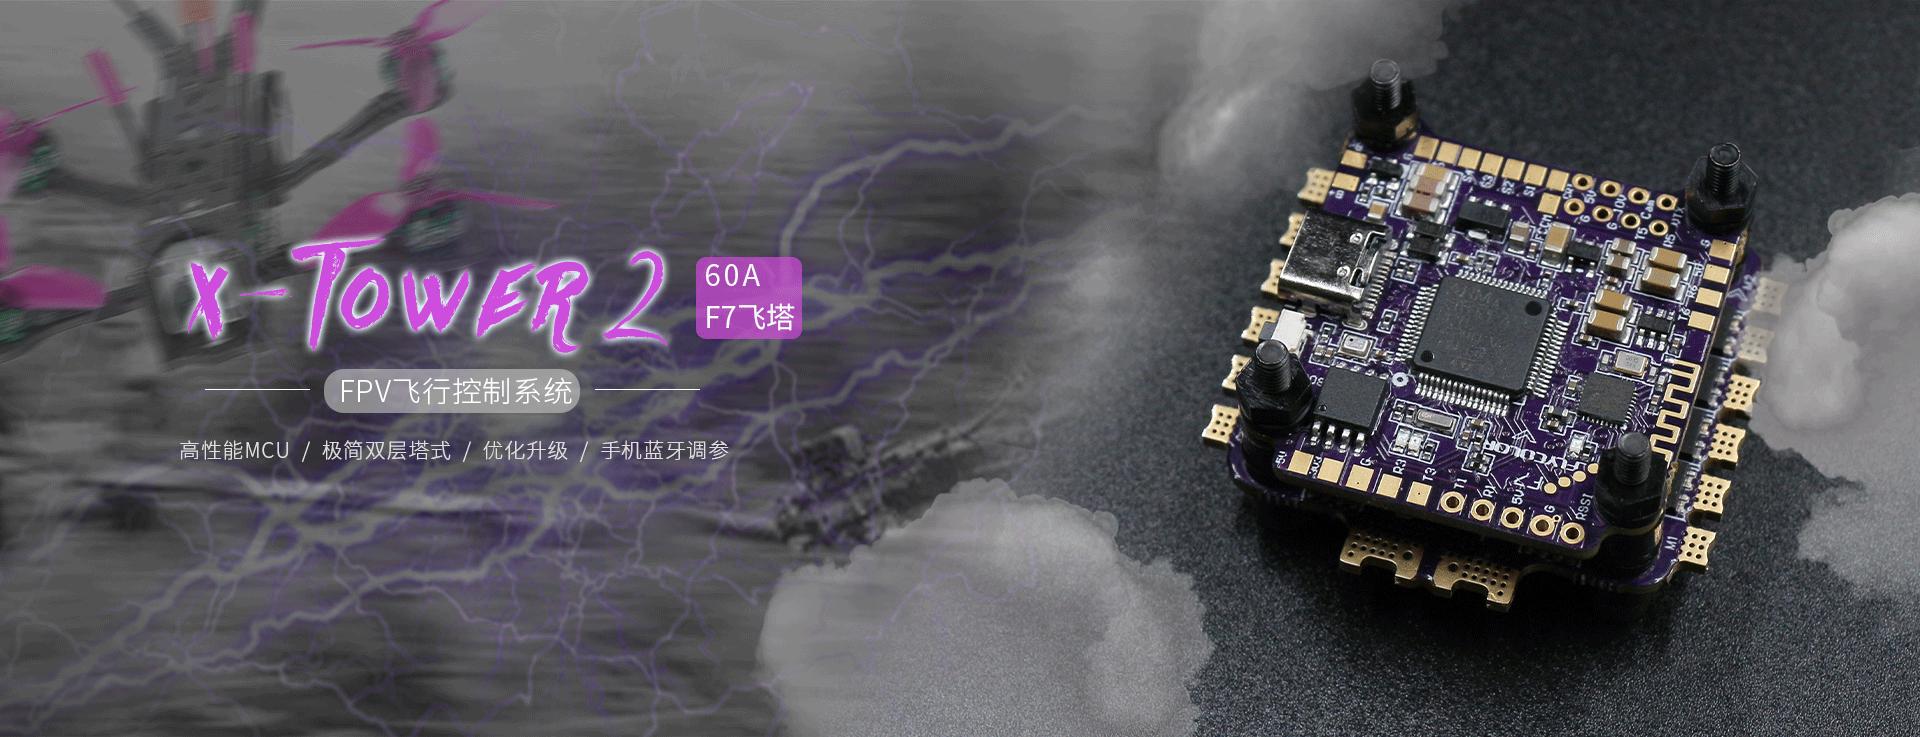 F7-60A--官网_01.png